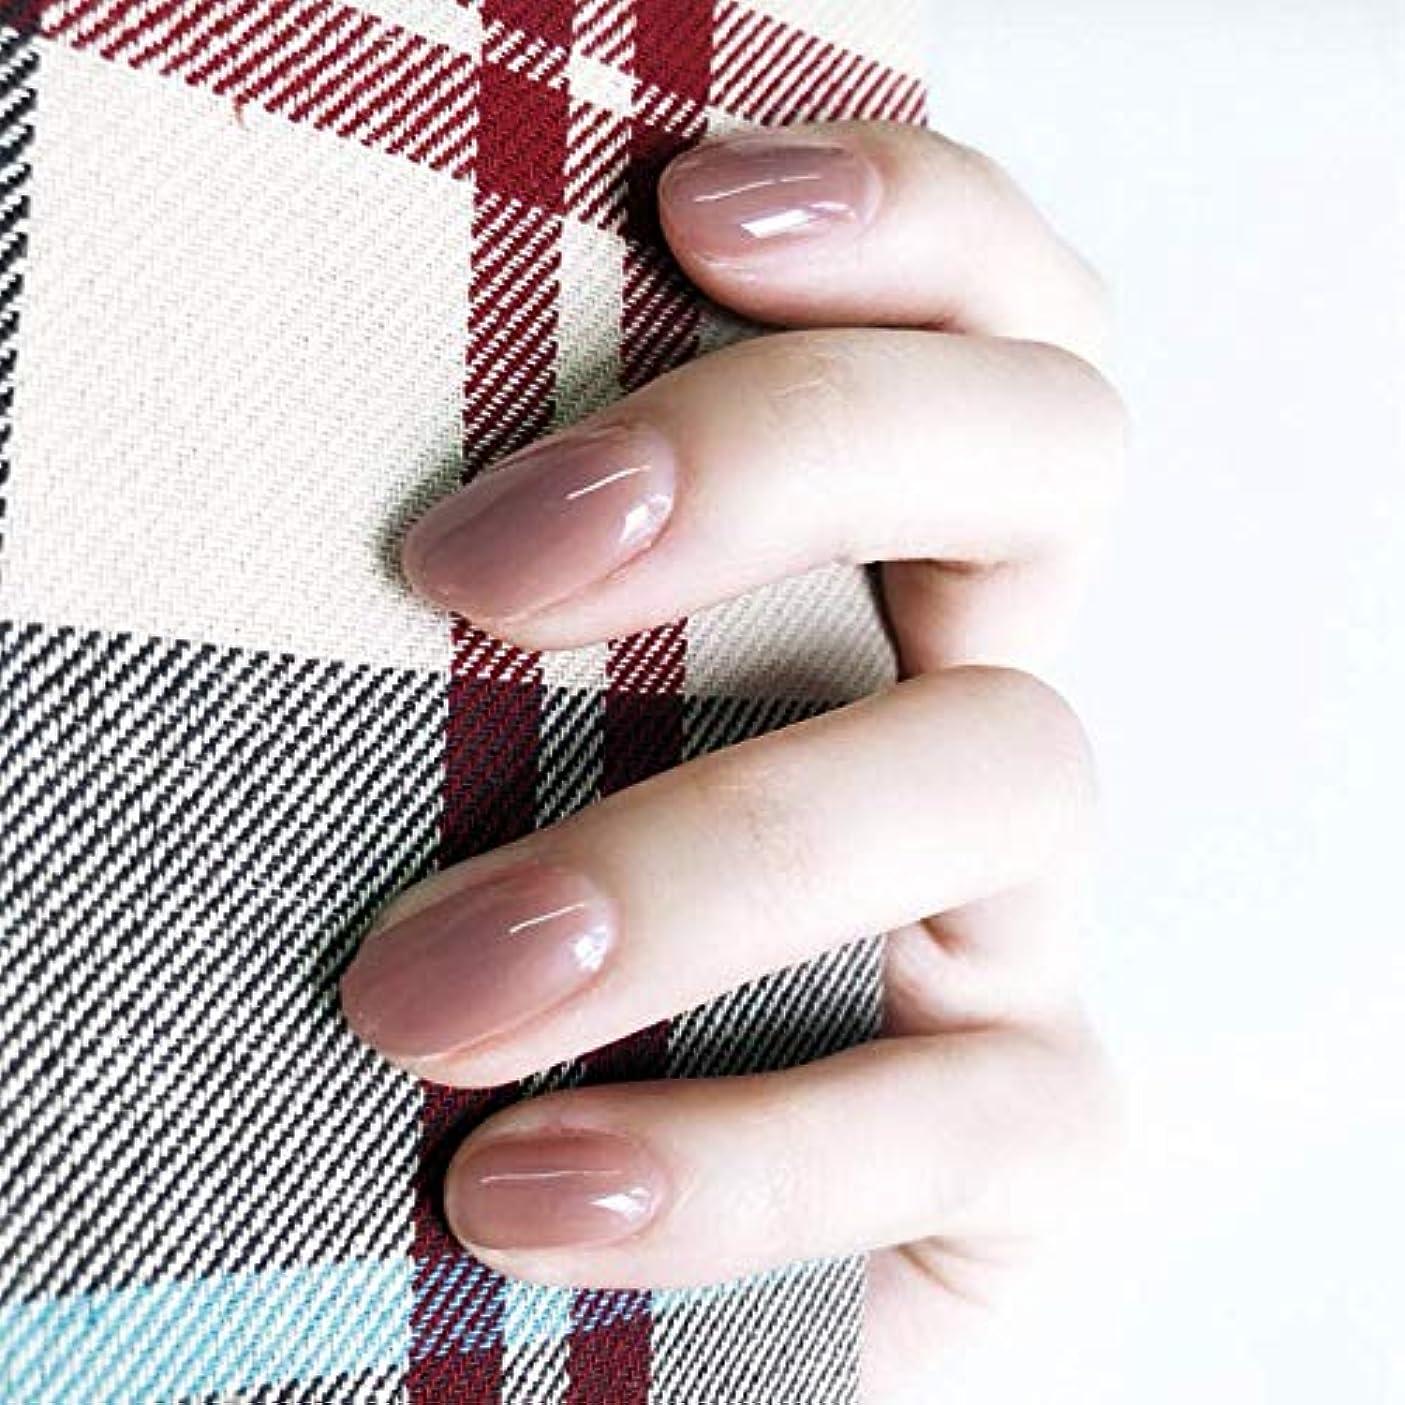 おとこ分岐する許可24枚入 無地ネイルチップ 可愛い優雅ネイル ins流行する ゼリーネイルチップ 多色オプション 結婚式、パーティー、二次会など 入学式 入園式 ネイルジュエリー つけ爪 (グレーピンク)